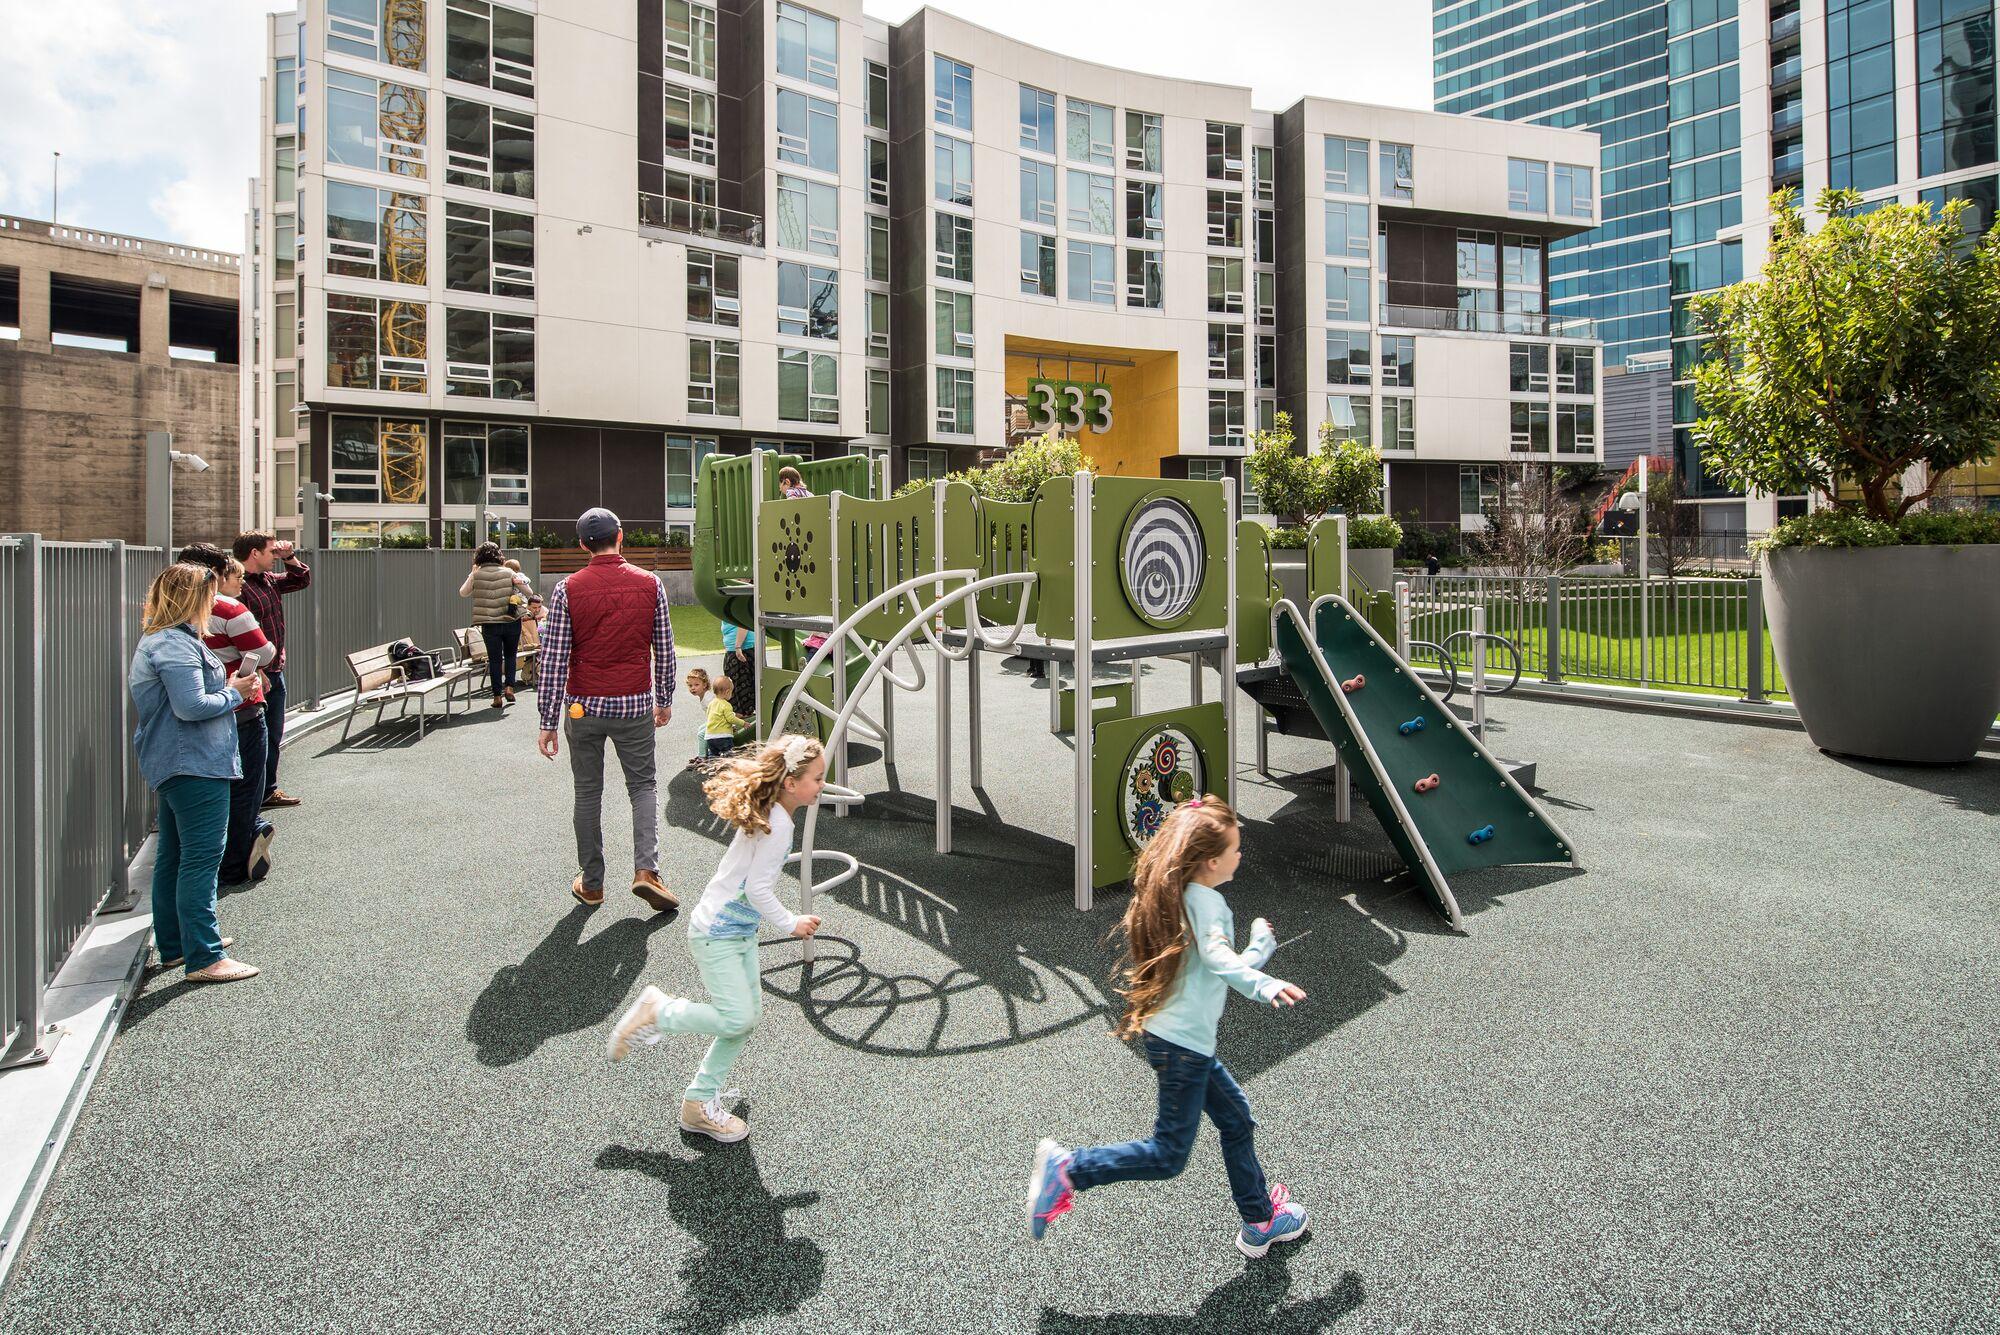 Rooftop Playground with children running